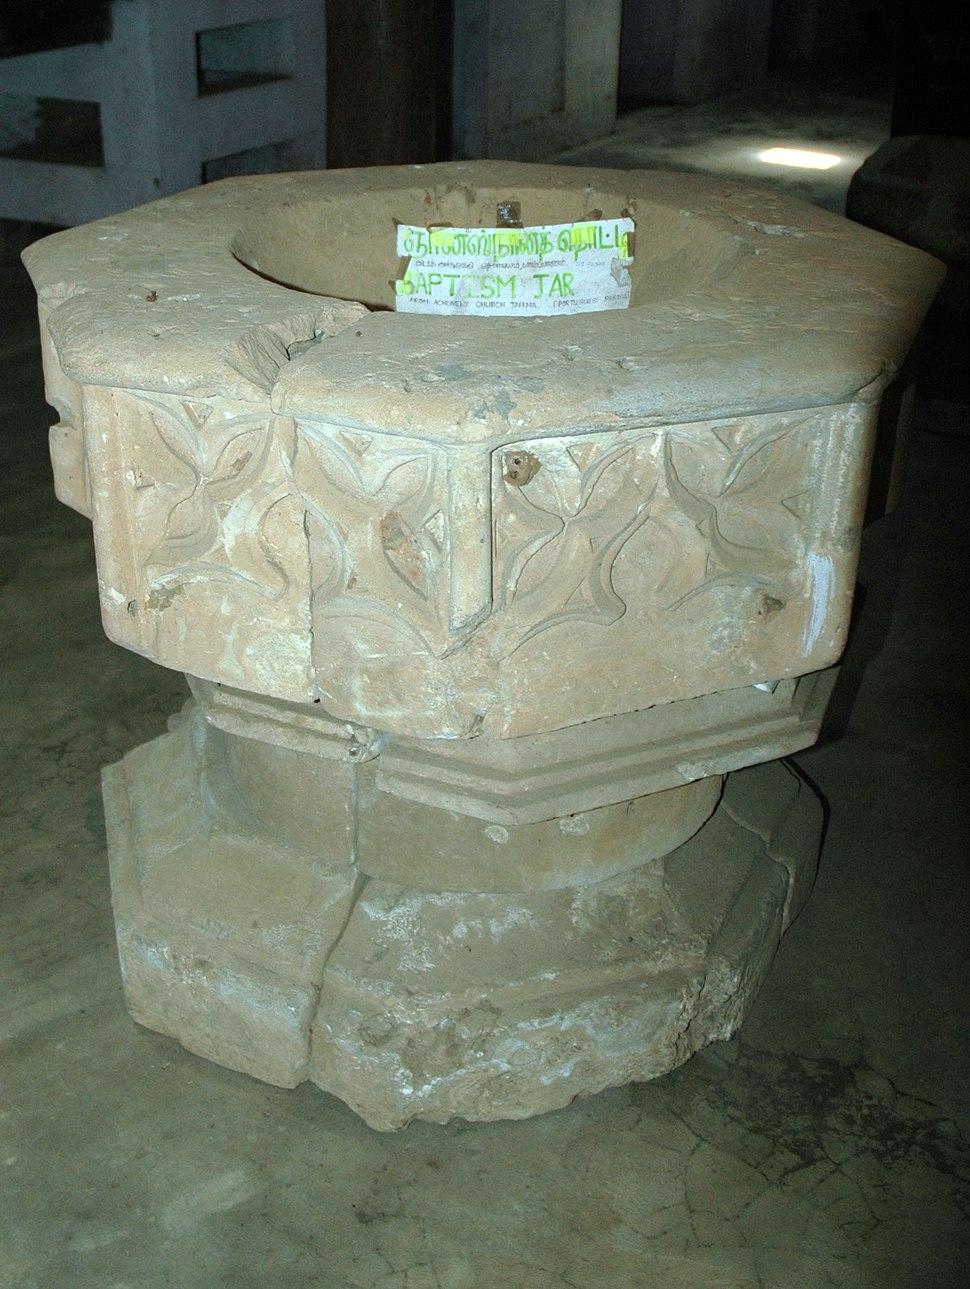 Baptism Jar (Portuguese period)